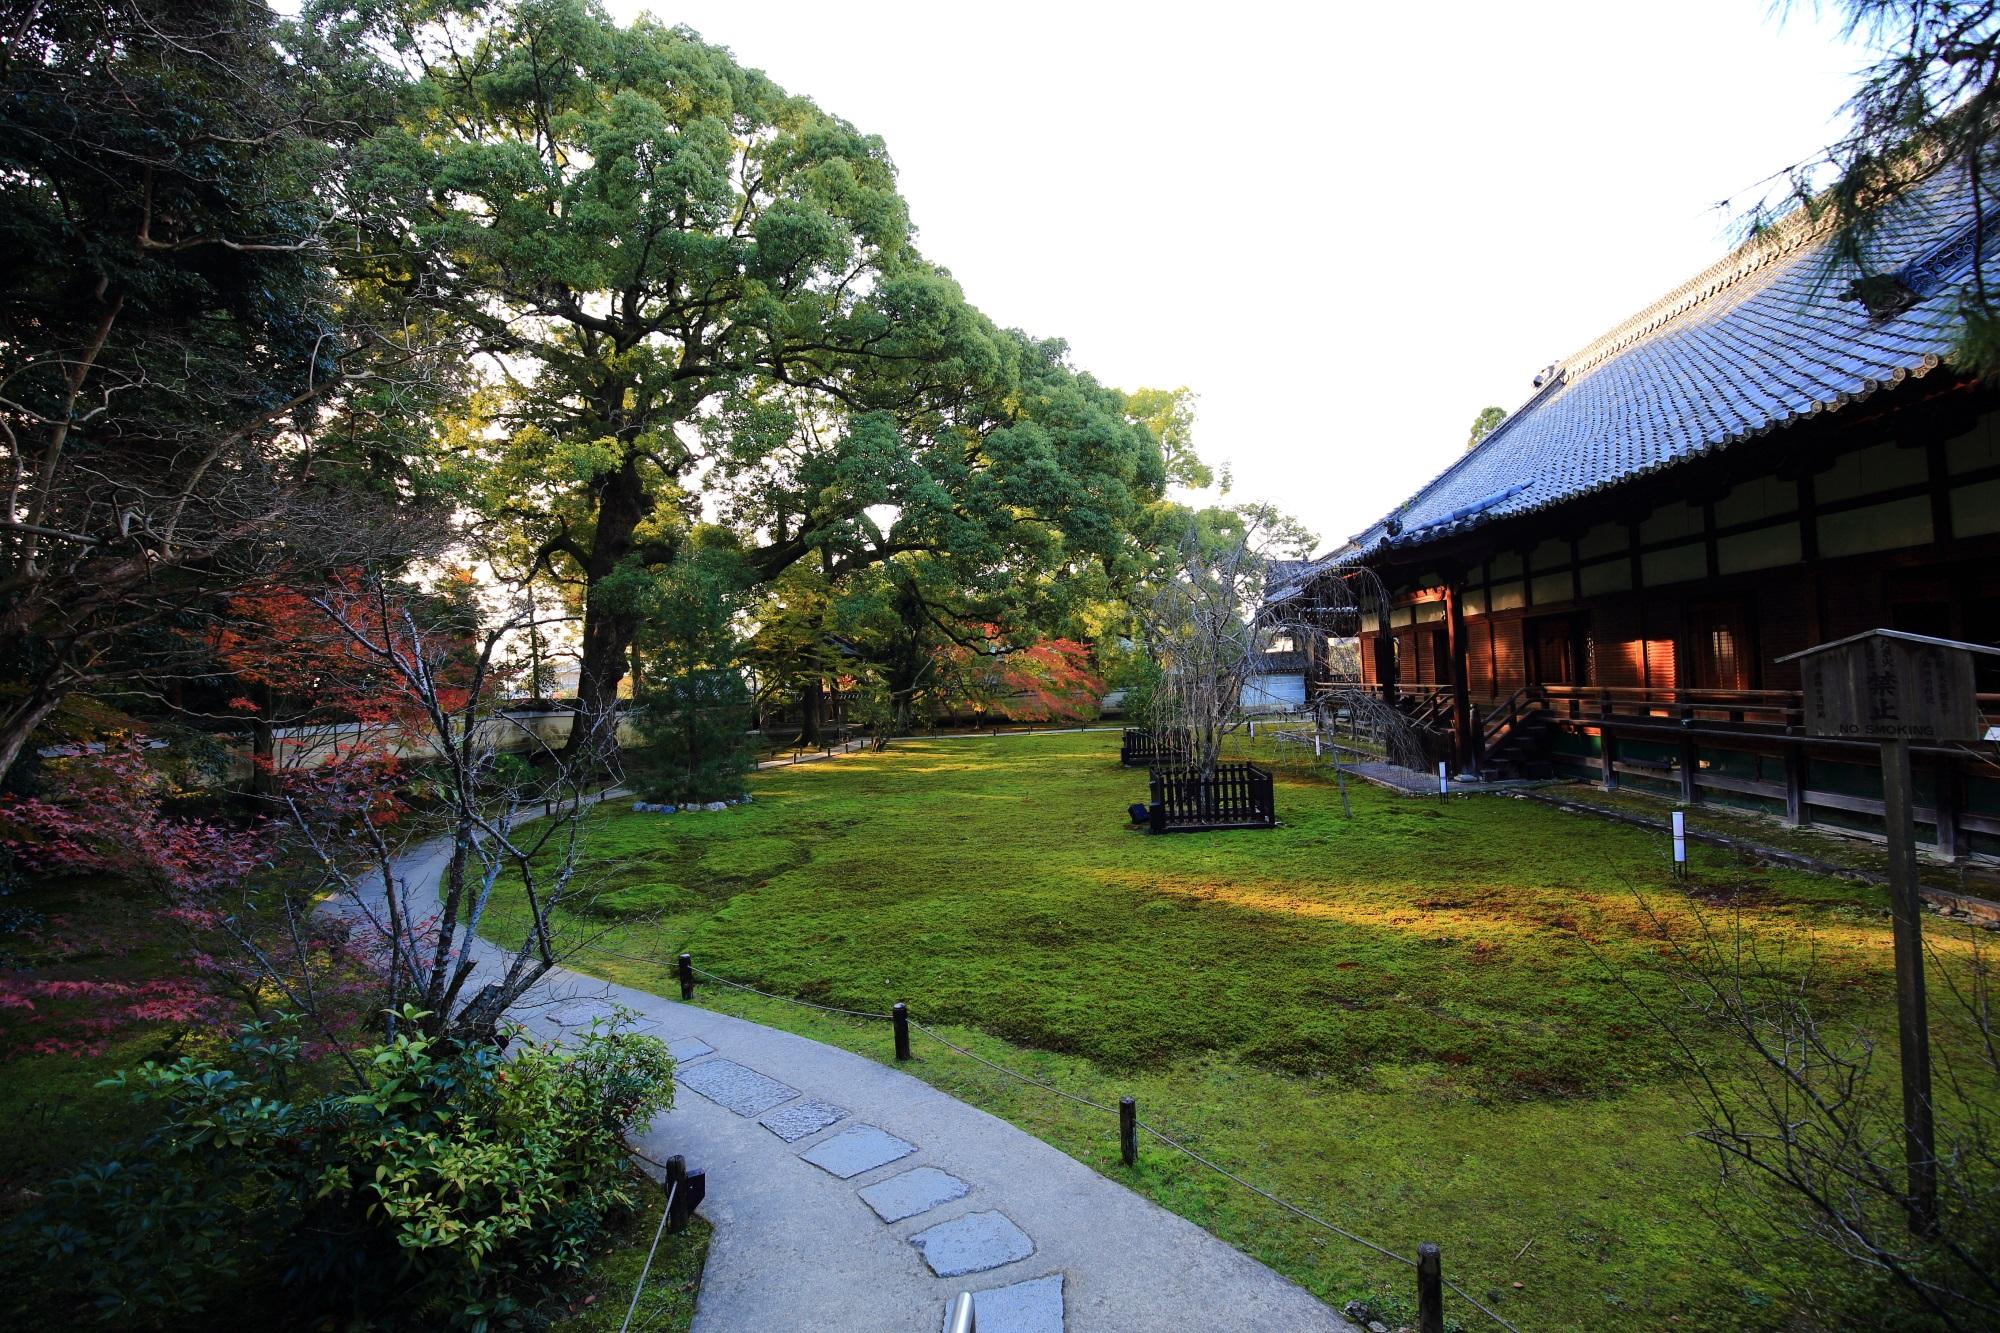 青蓮院の宸殿と苔のクスノキの庭園